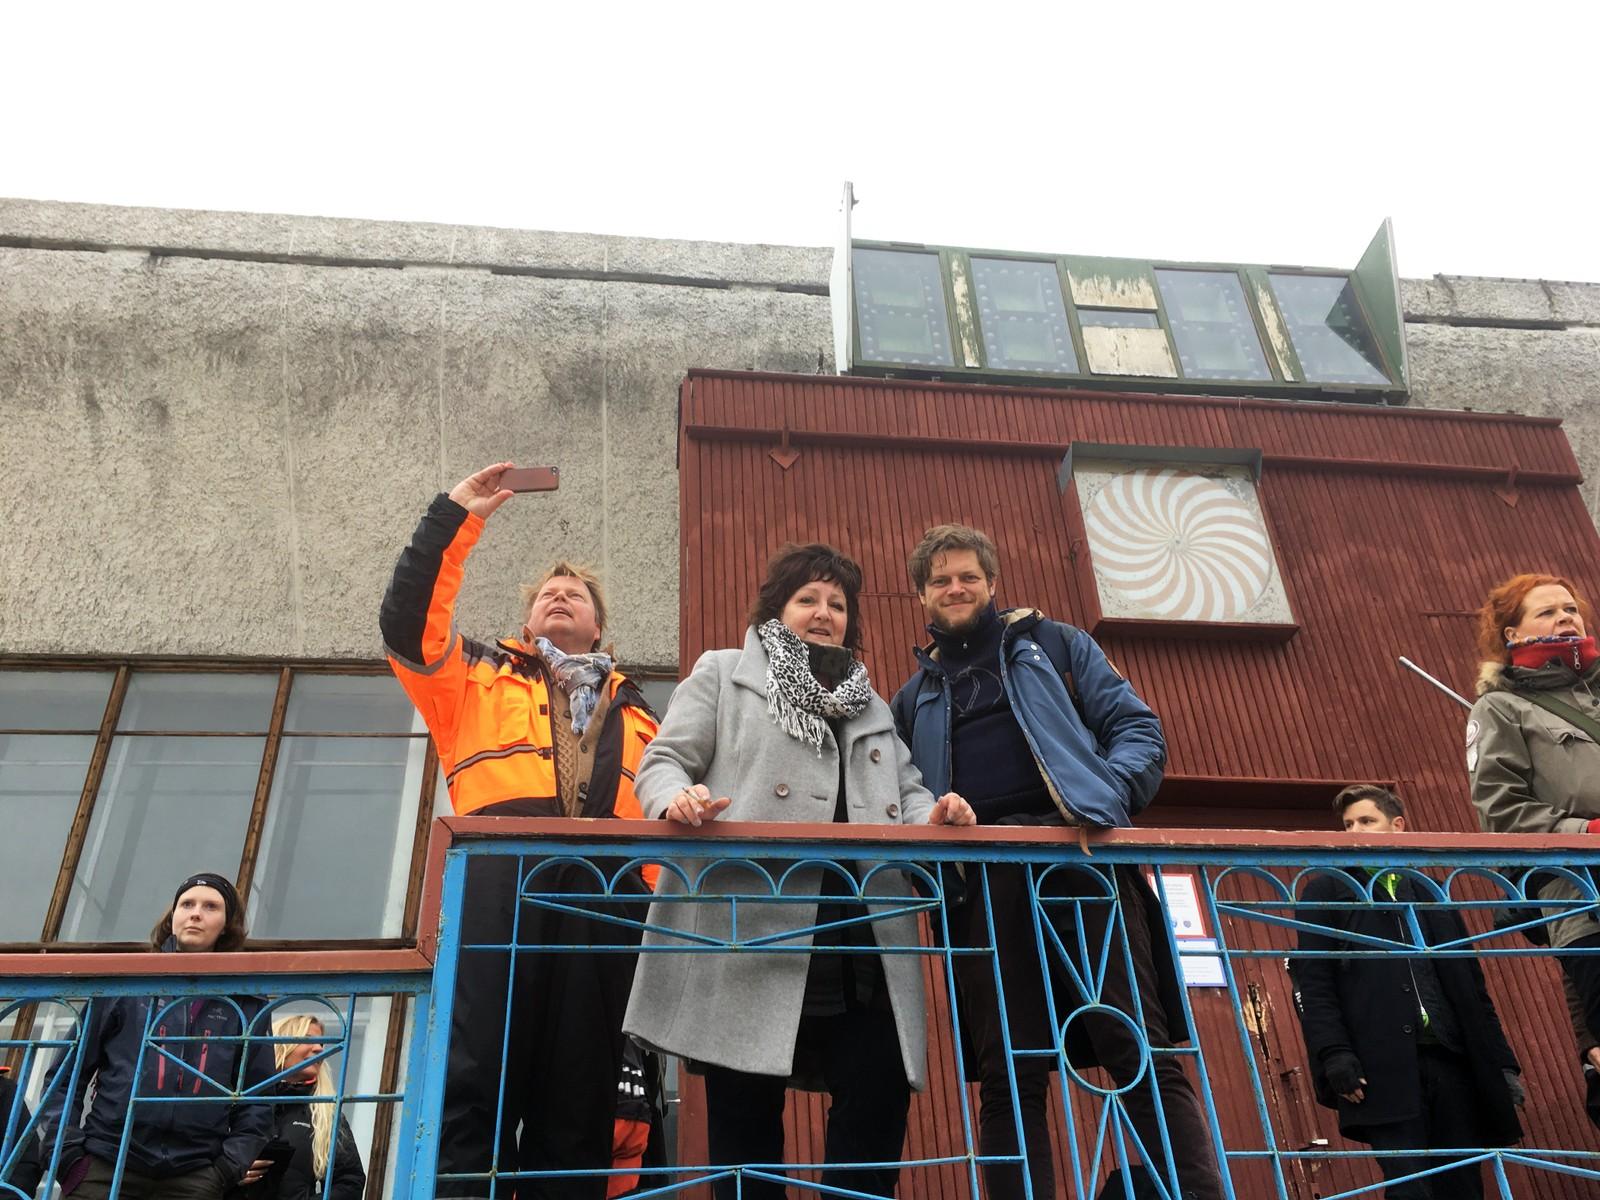 SELFIE & SIGG: Horst, Ragde og Brenner på utsiden av kulturhuset på Pyramiden.